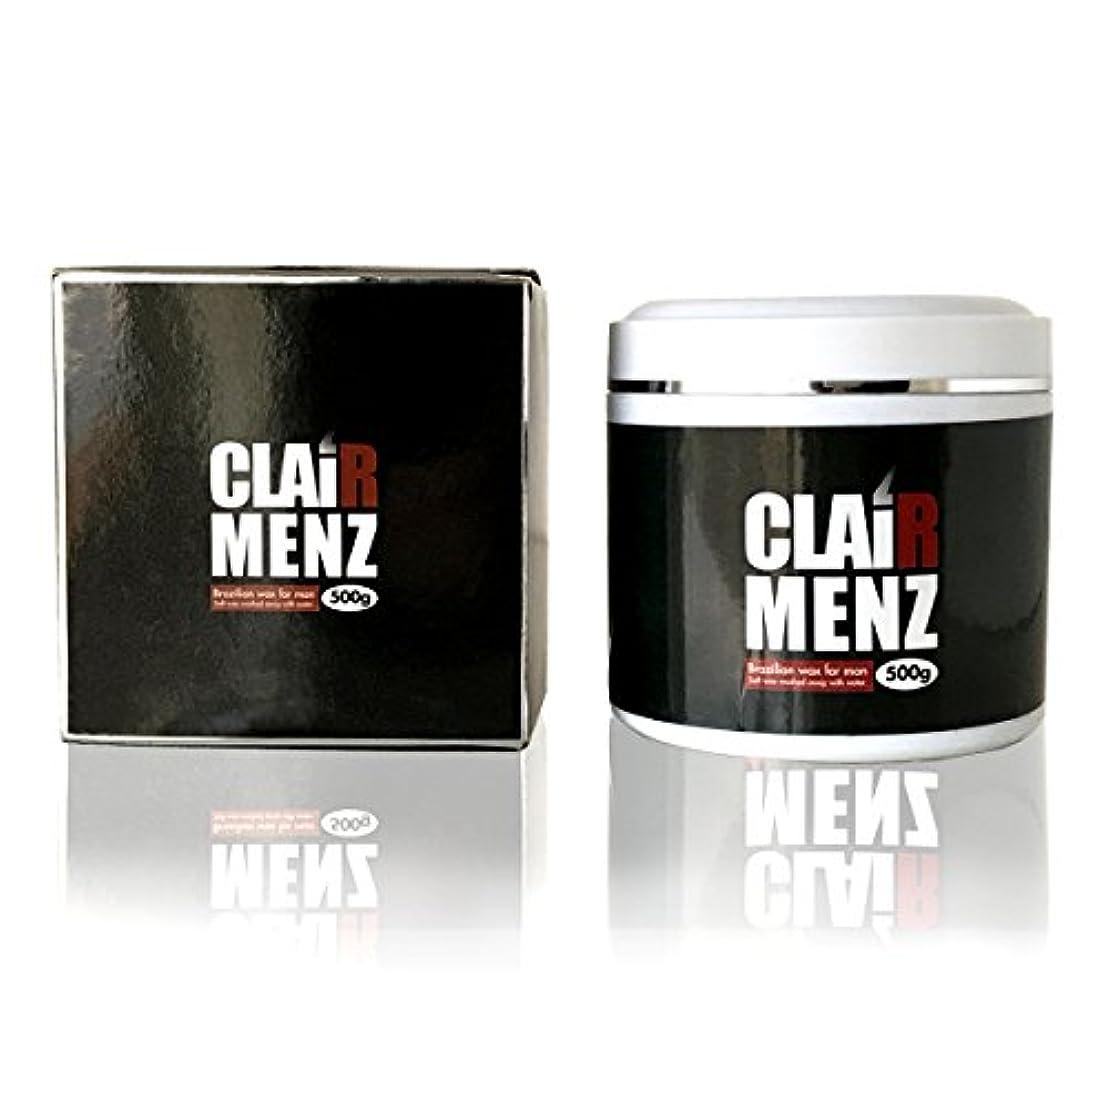 とんでもないストラトフォードオンエイボン前奏曲ブラジリアンワックス メンズ専用 clair Menz wax 500g(単品) メンズ脱毛専用ラベル 無添加ワックス 脱毛ワックス